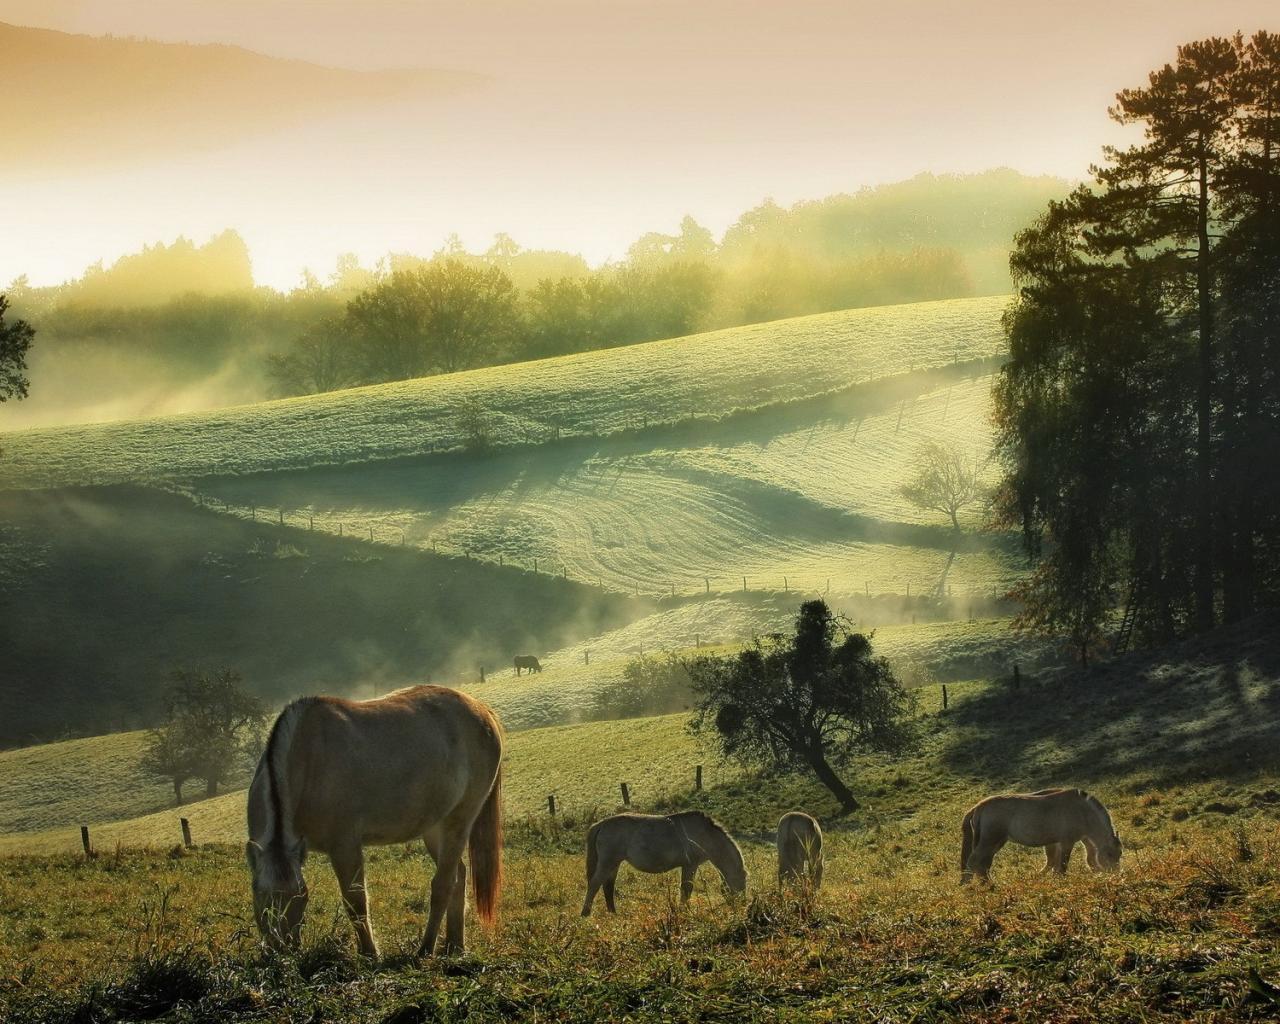 Картинки лошади для рабочего стола скачать бесплатно